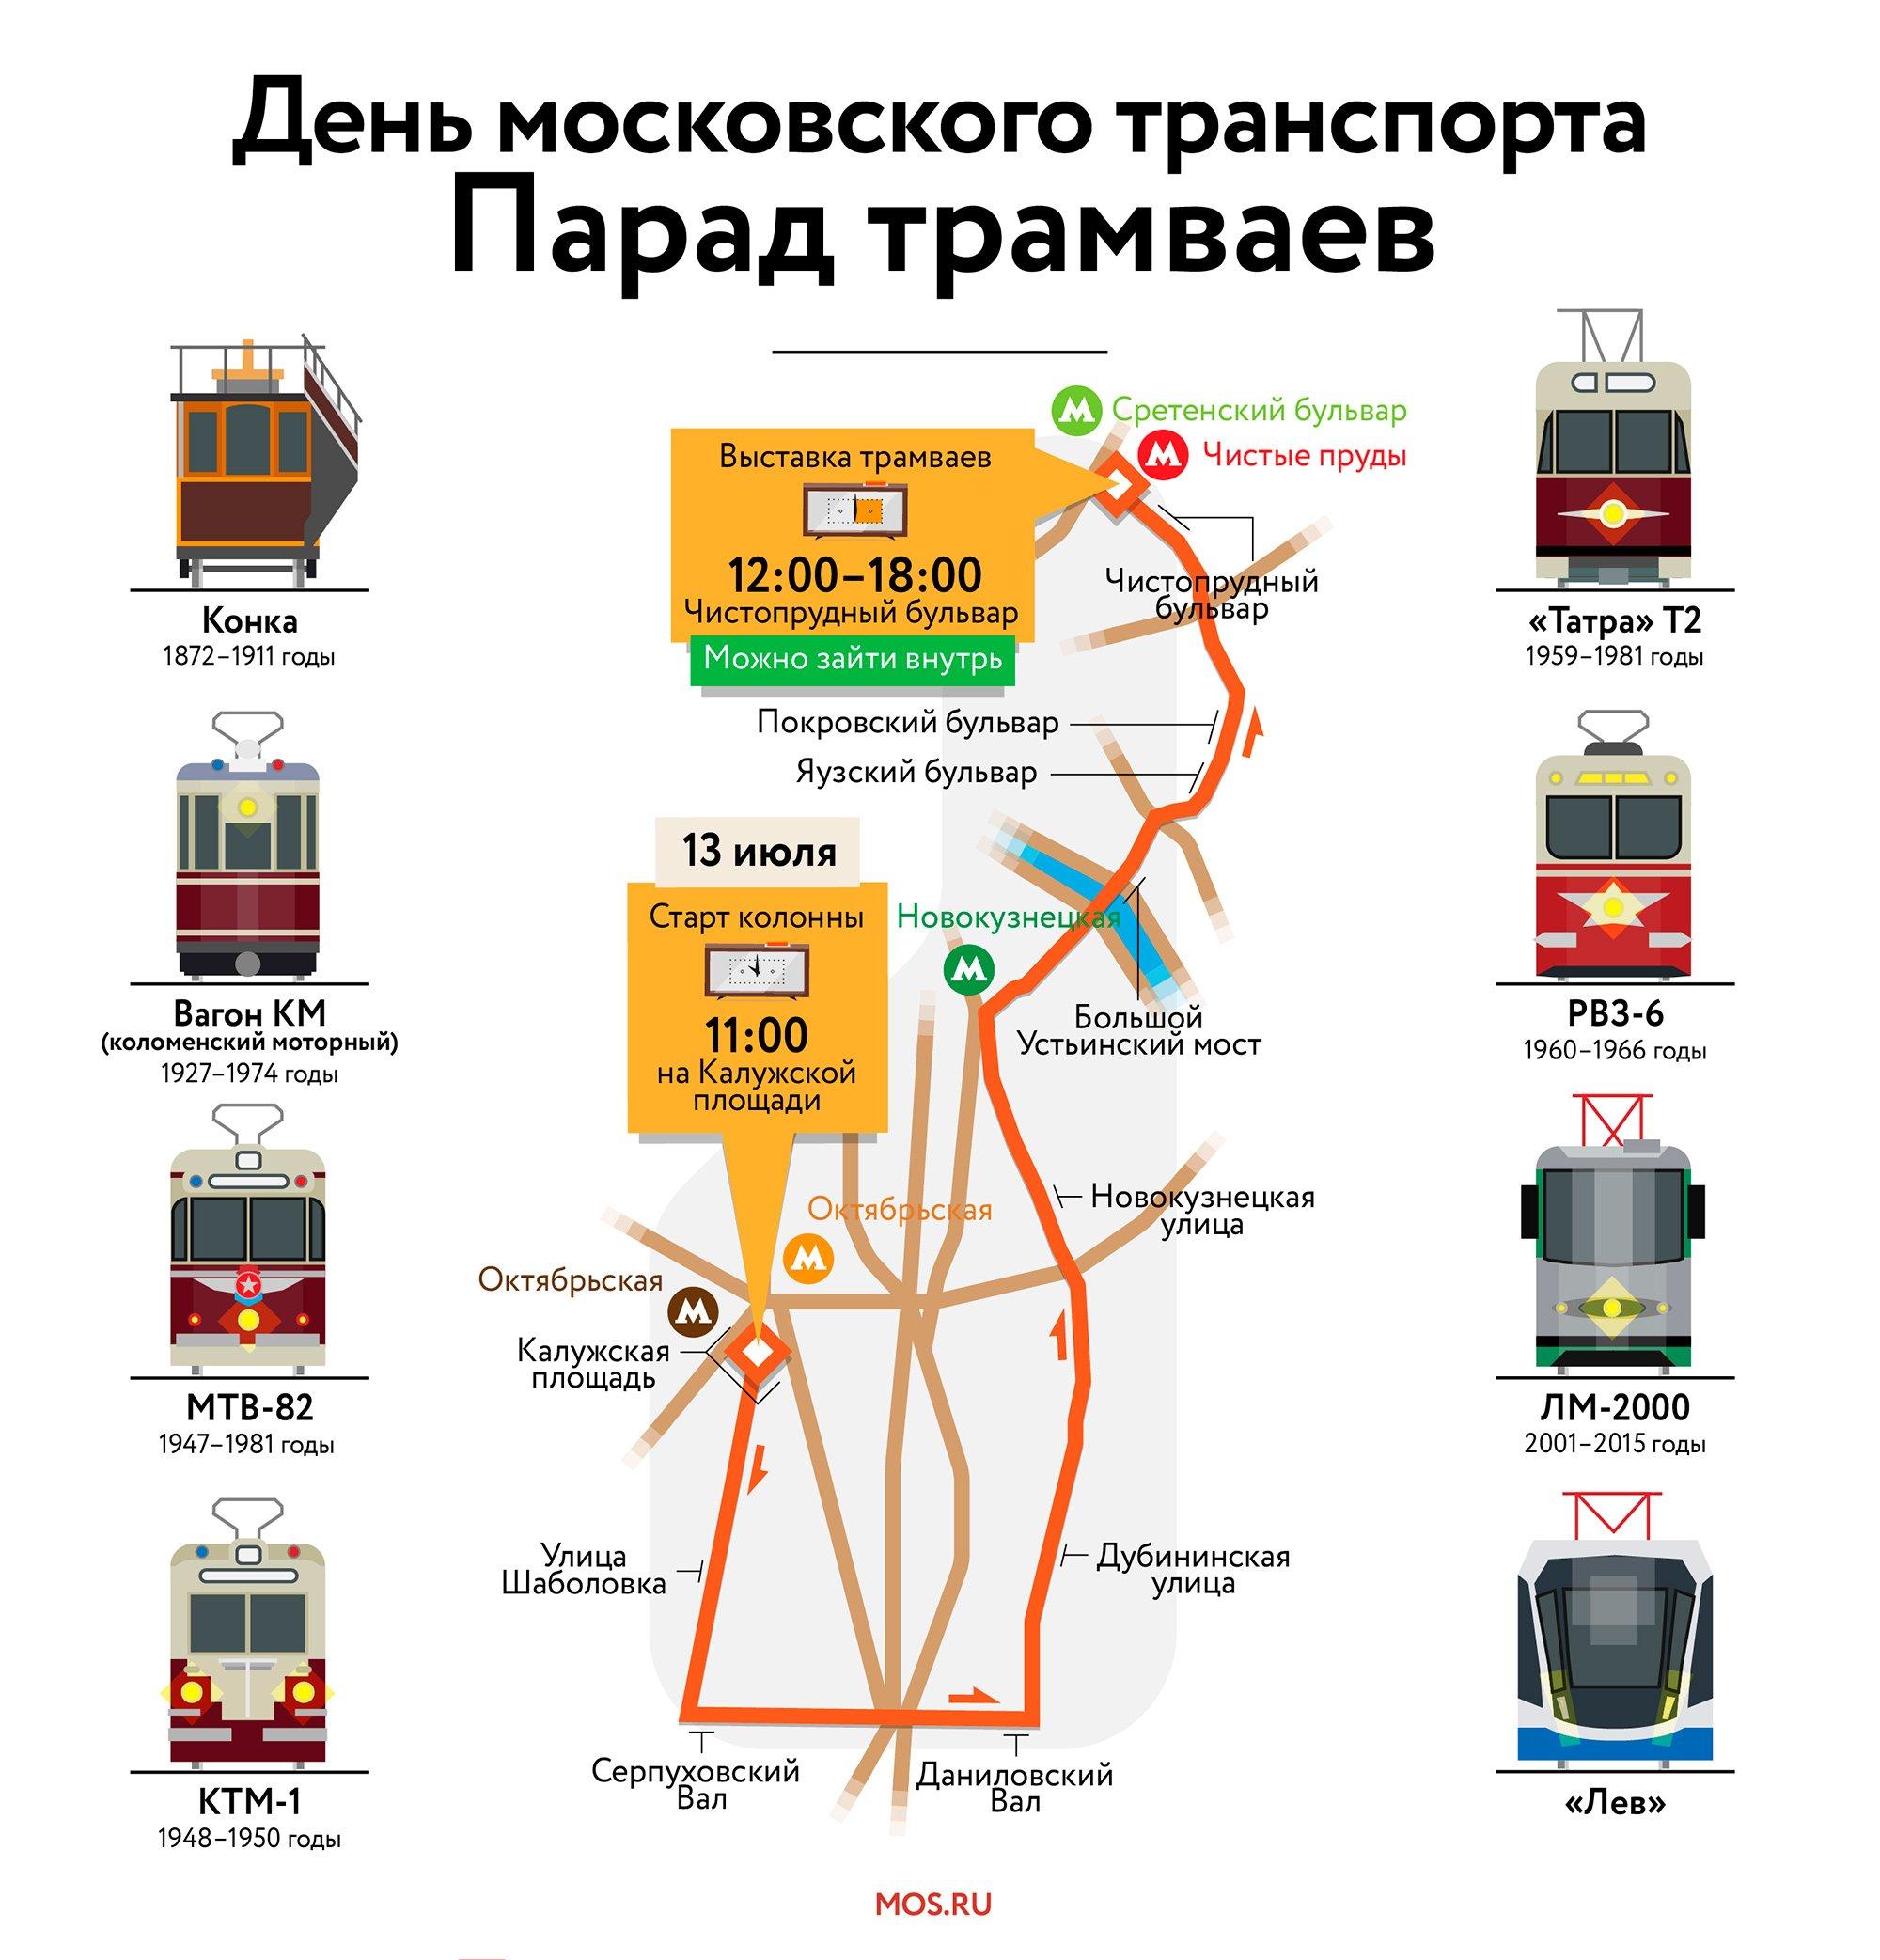 Ночной велофестиваль и старинные трамваи: как в столице отметят День московского транспорта